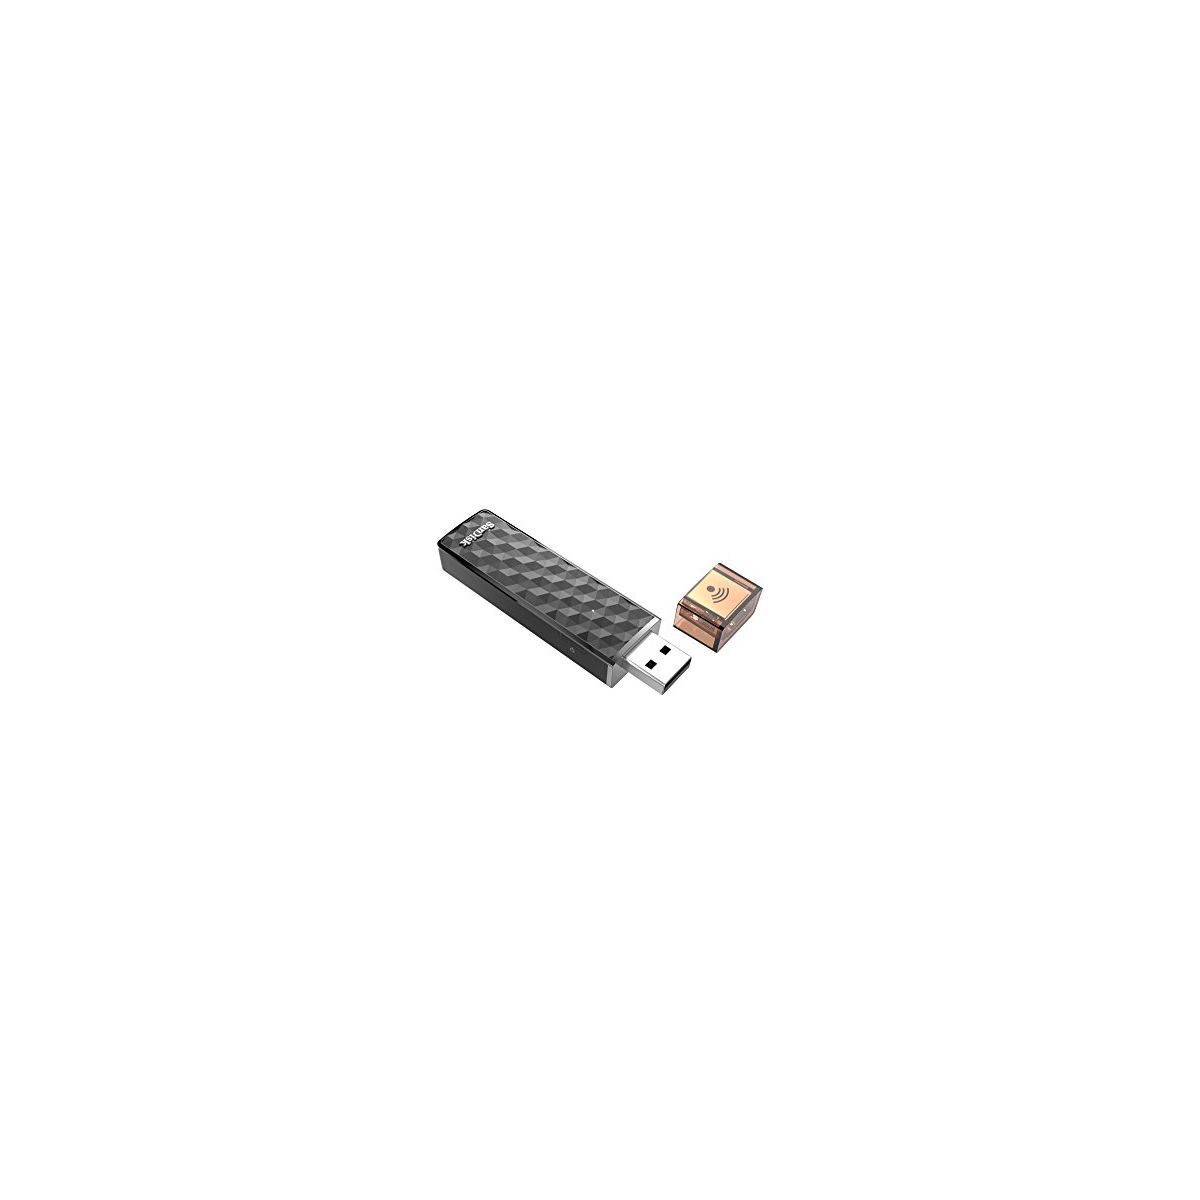 Cl� usb sandisk wireless stick 64gb - 2% de remise imm�diate avec le code : deal2 (photo)